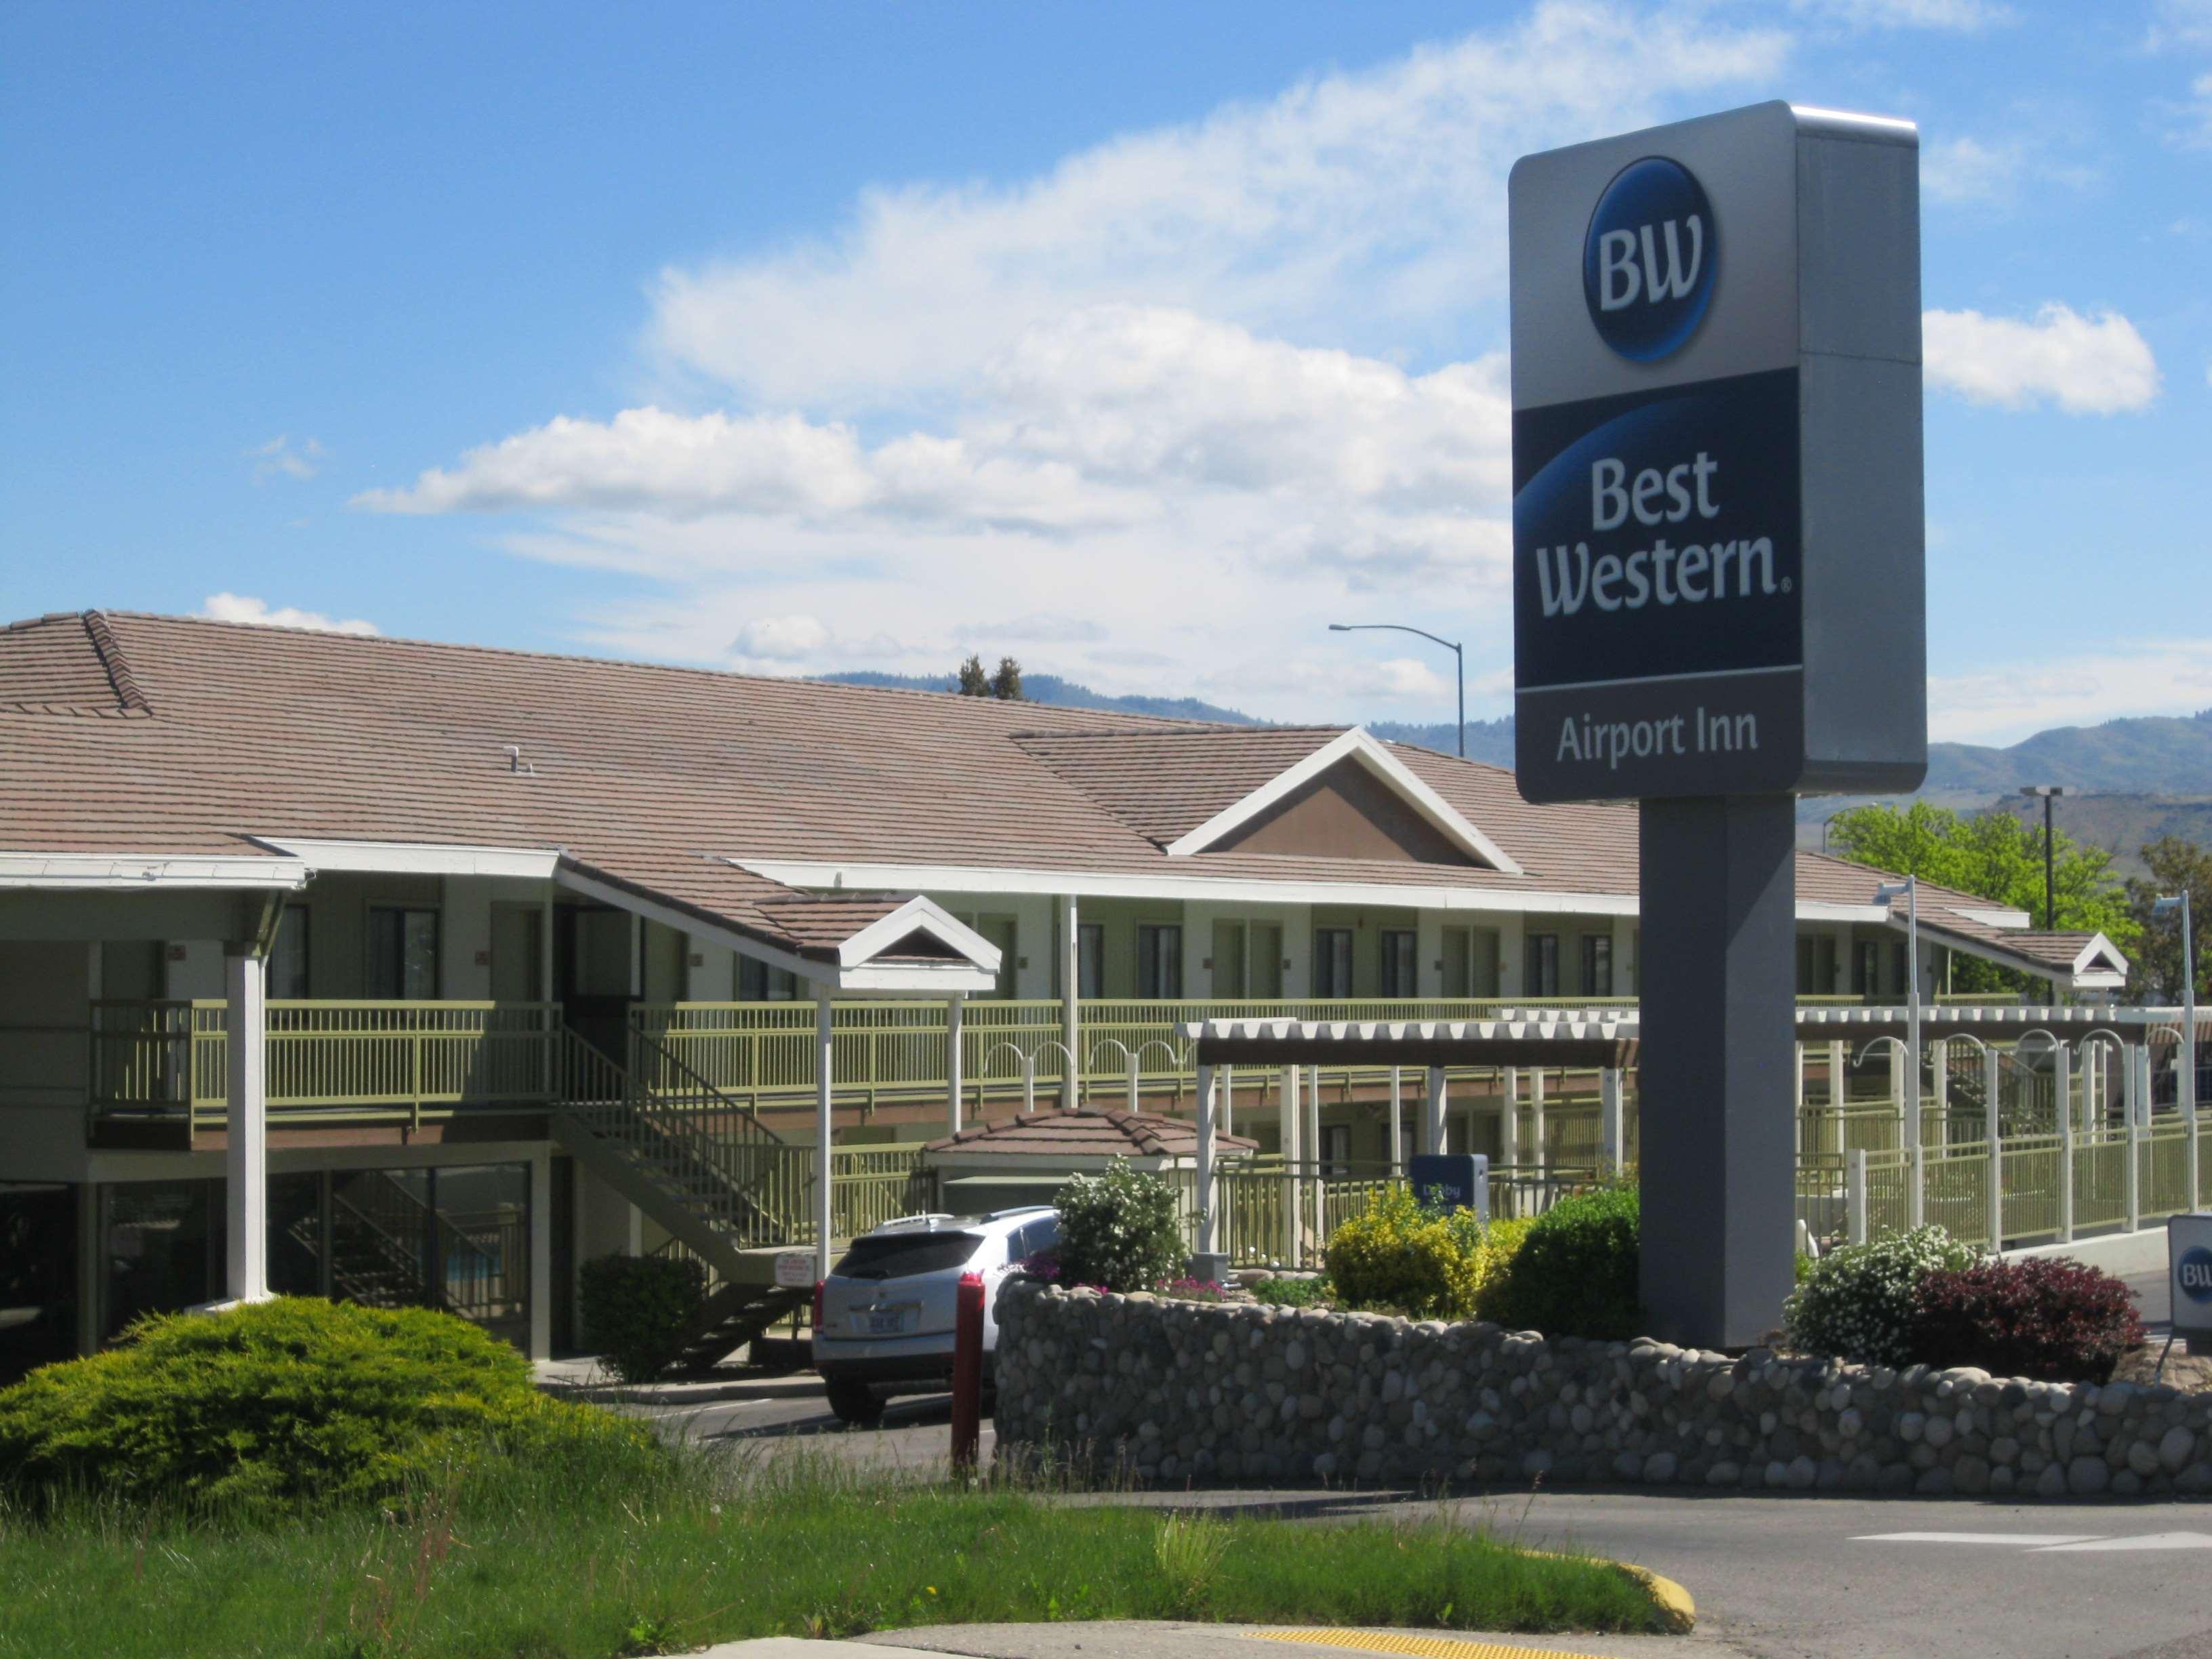 Best Western Airport Inn image 0